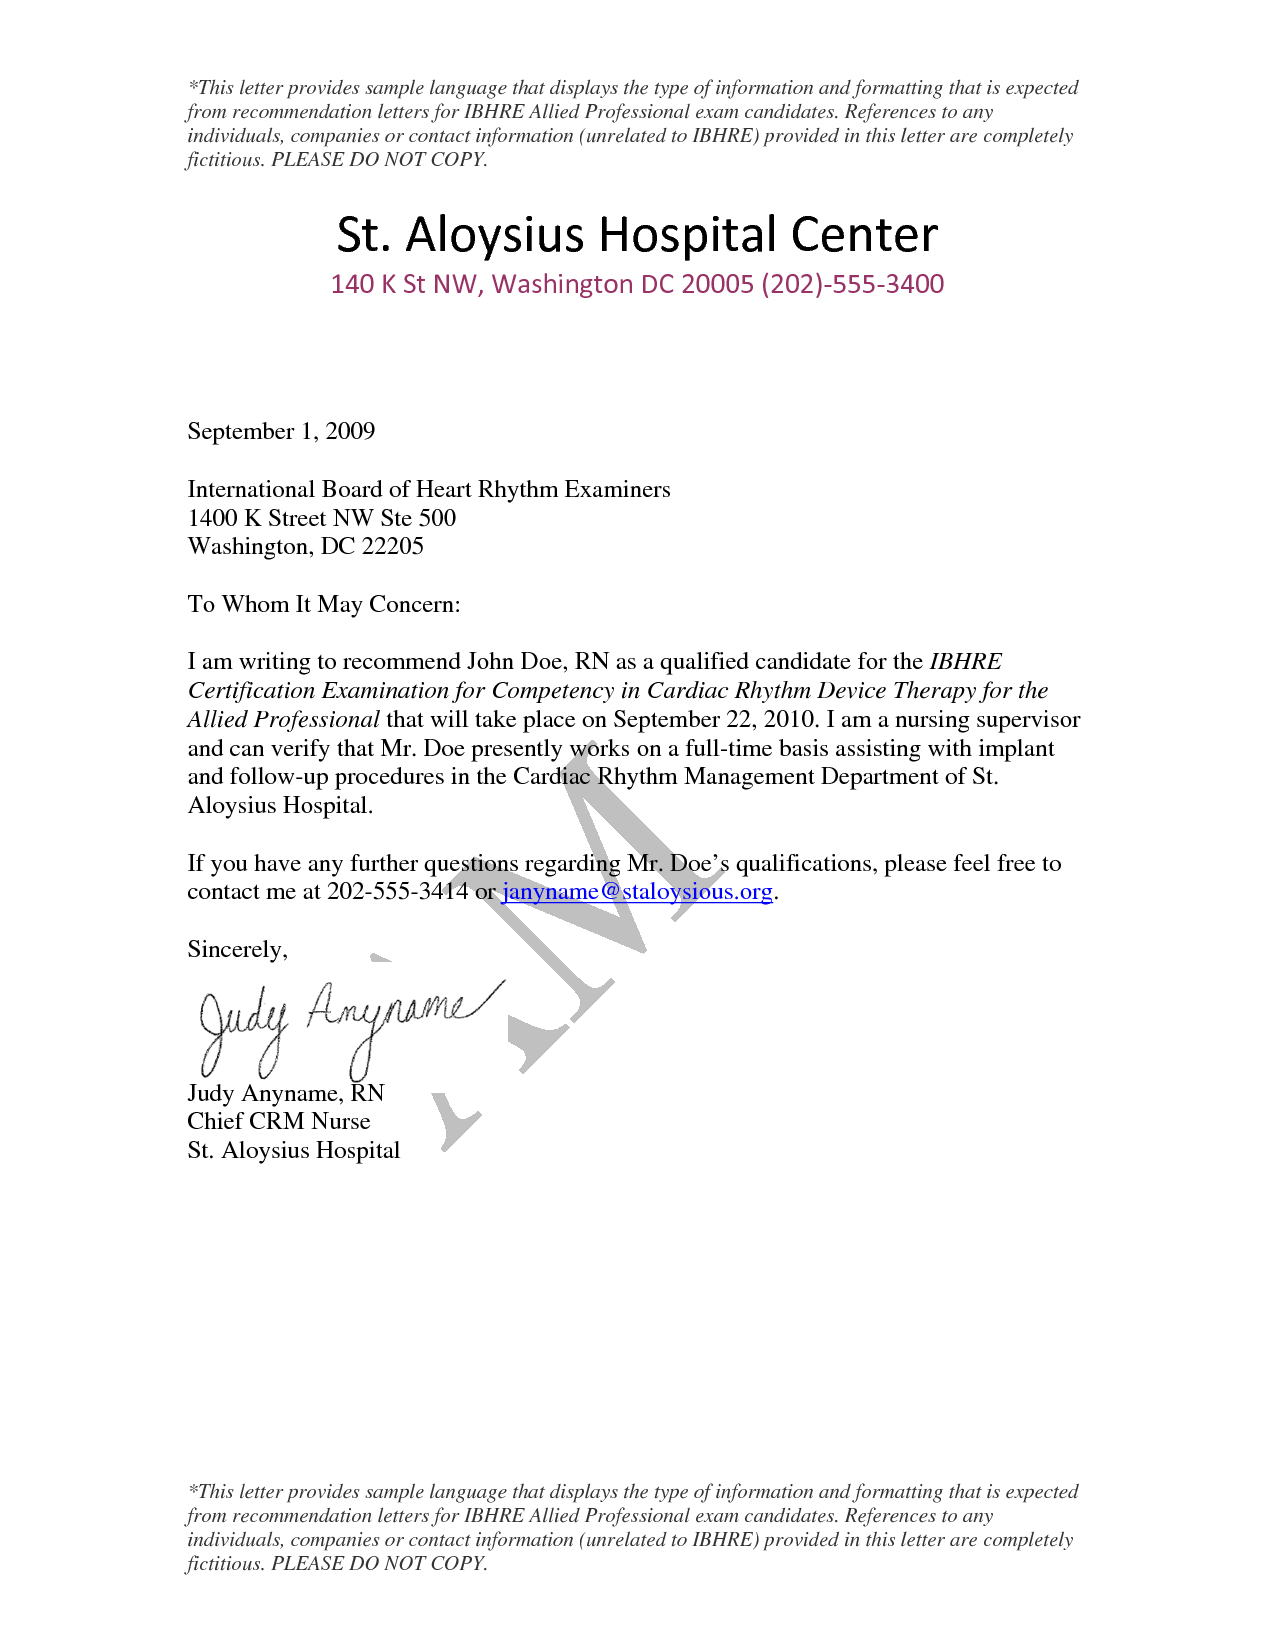 Nursing School Recommendation Letter Template - Sample Letter Re Mendation for Nursing Program Ideas Sample